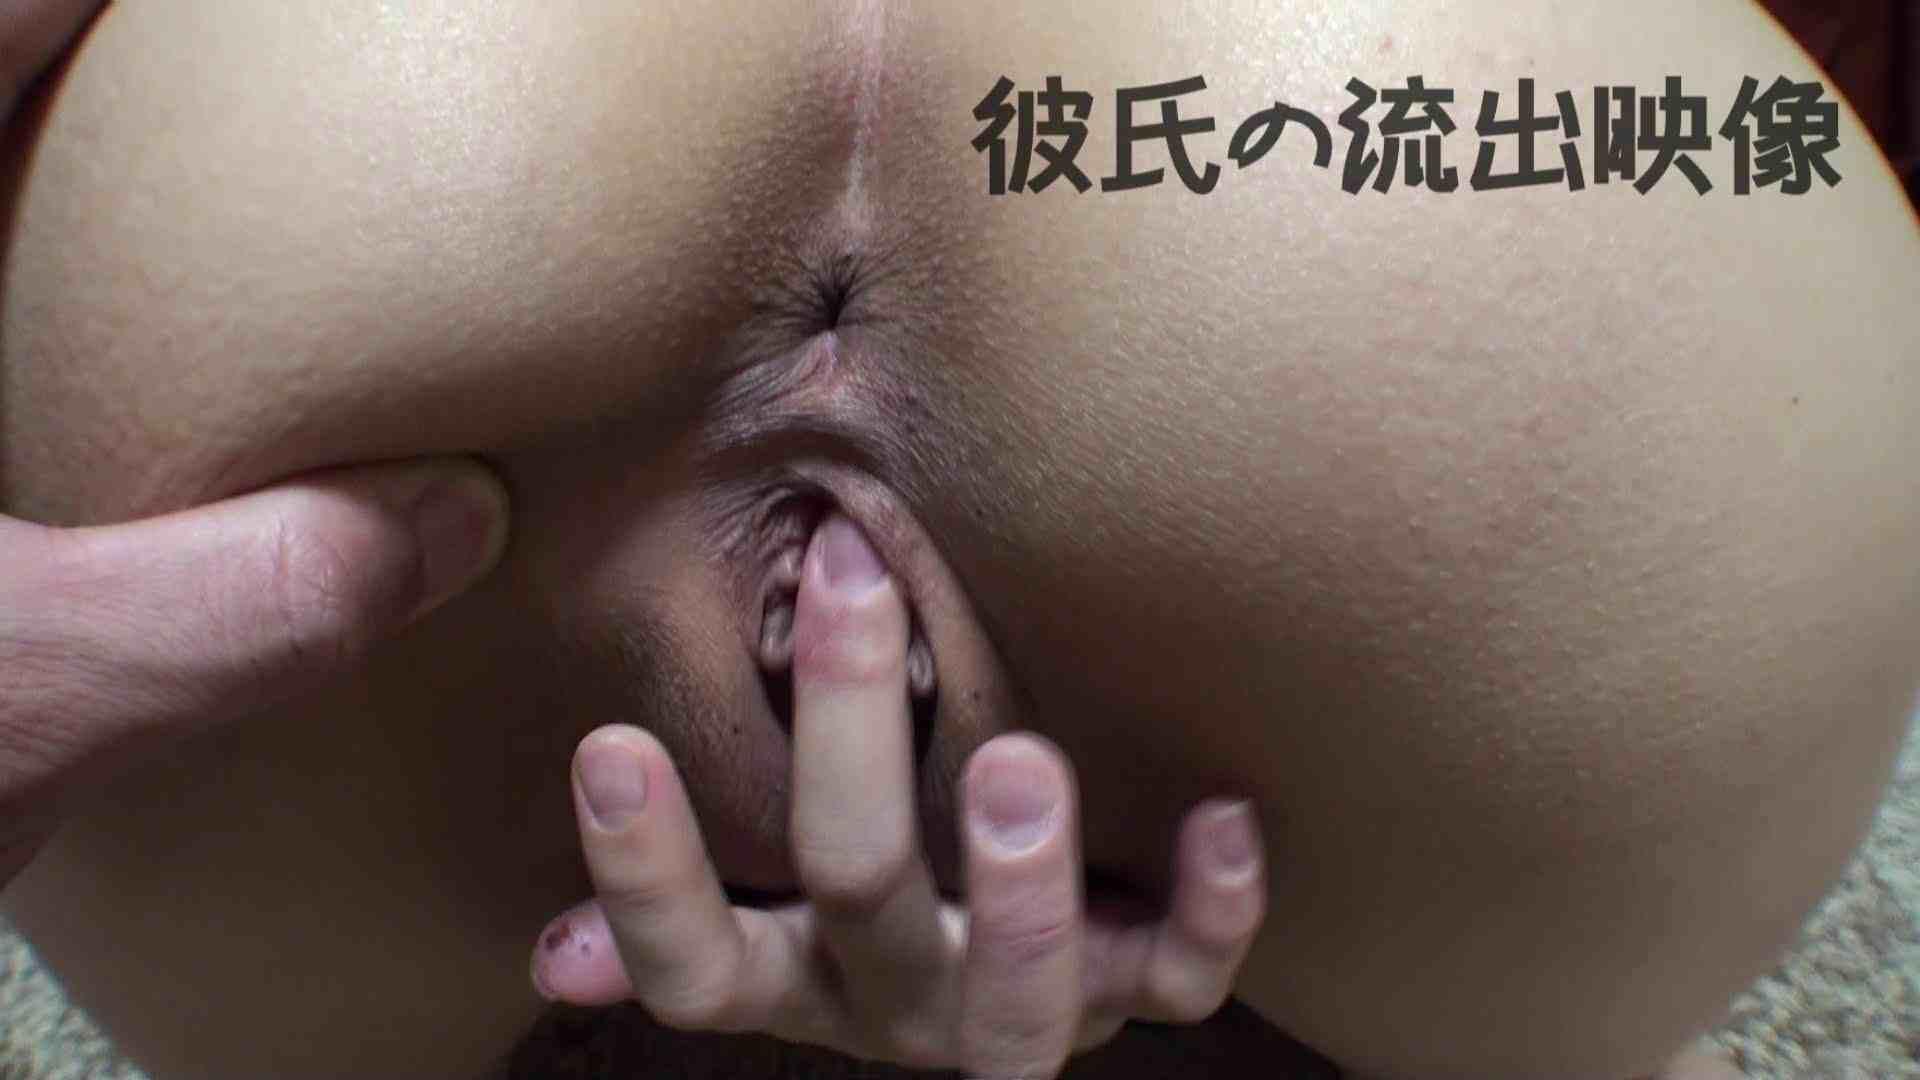 彼氏が流出 パイパン素人嬢のハメ撮り映像04 一般投稿  82連発 58